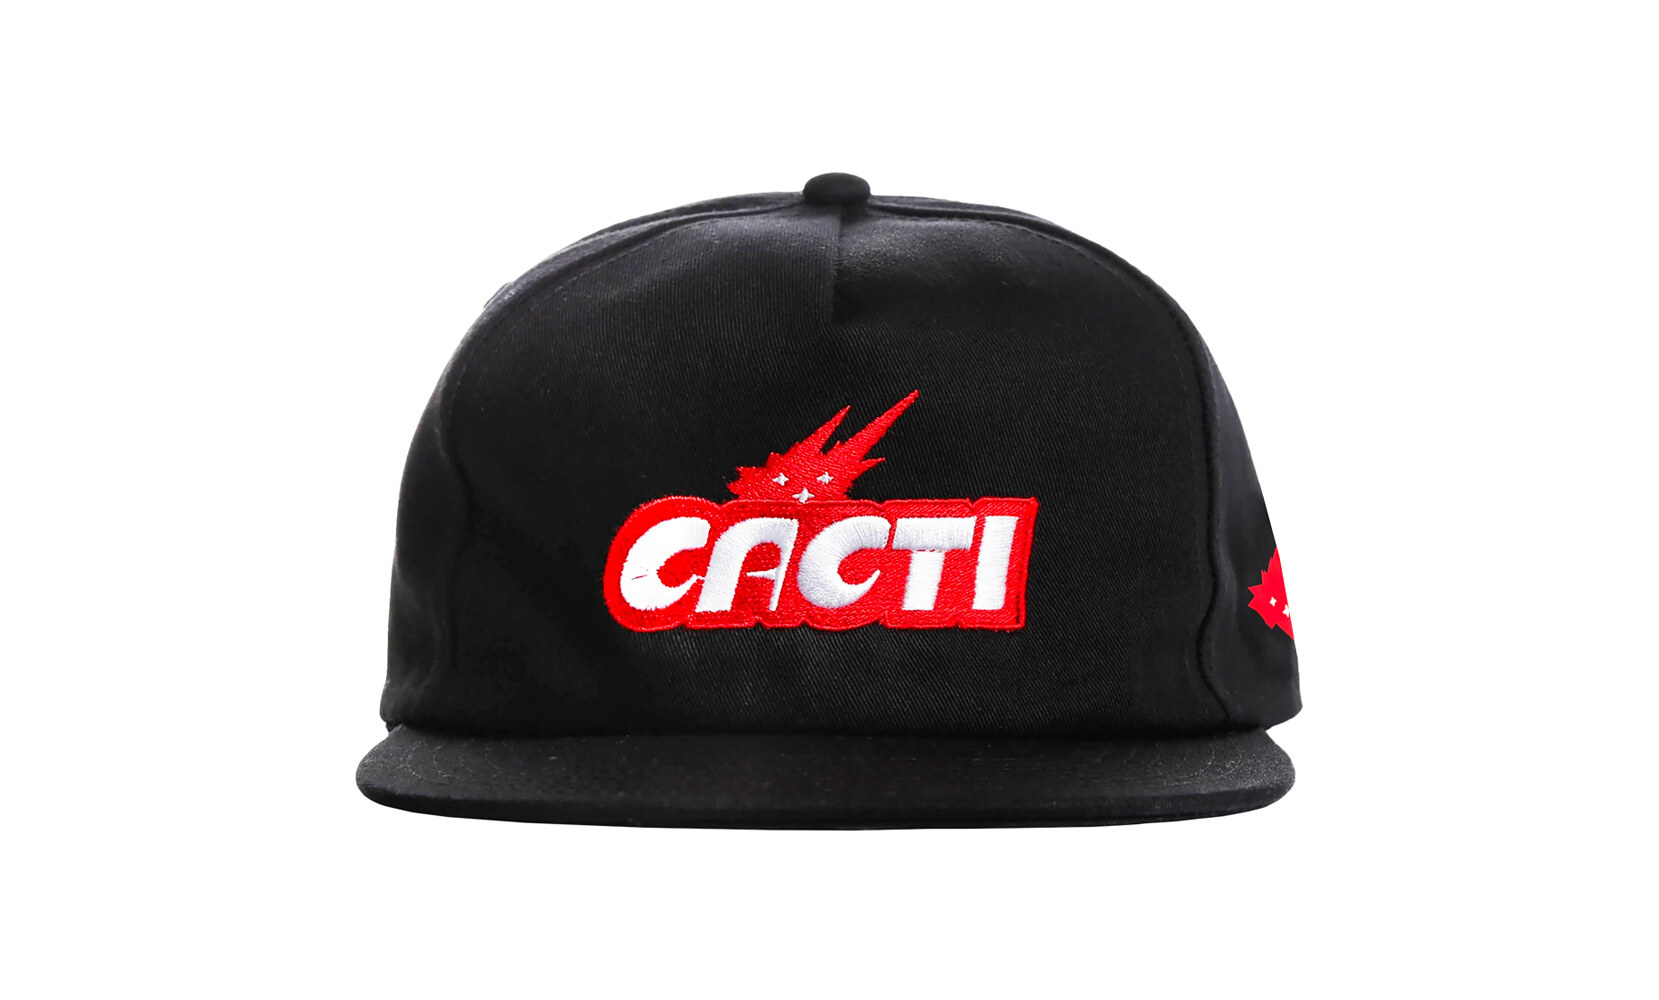 Travis Scott Cacti Merch hat